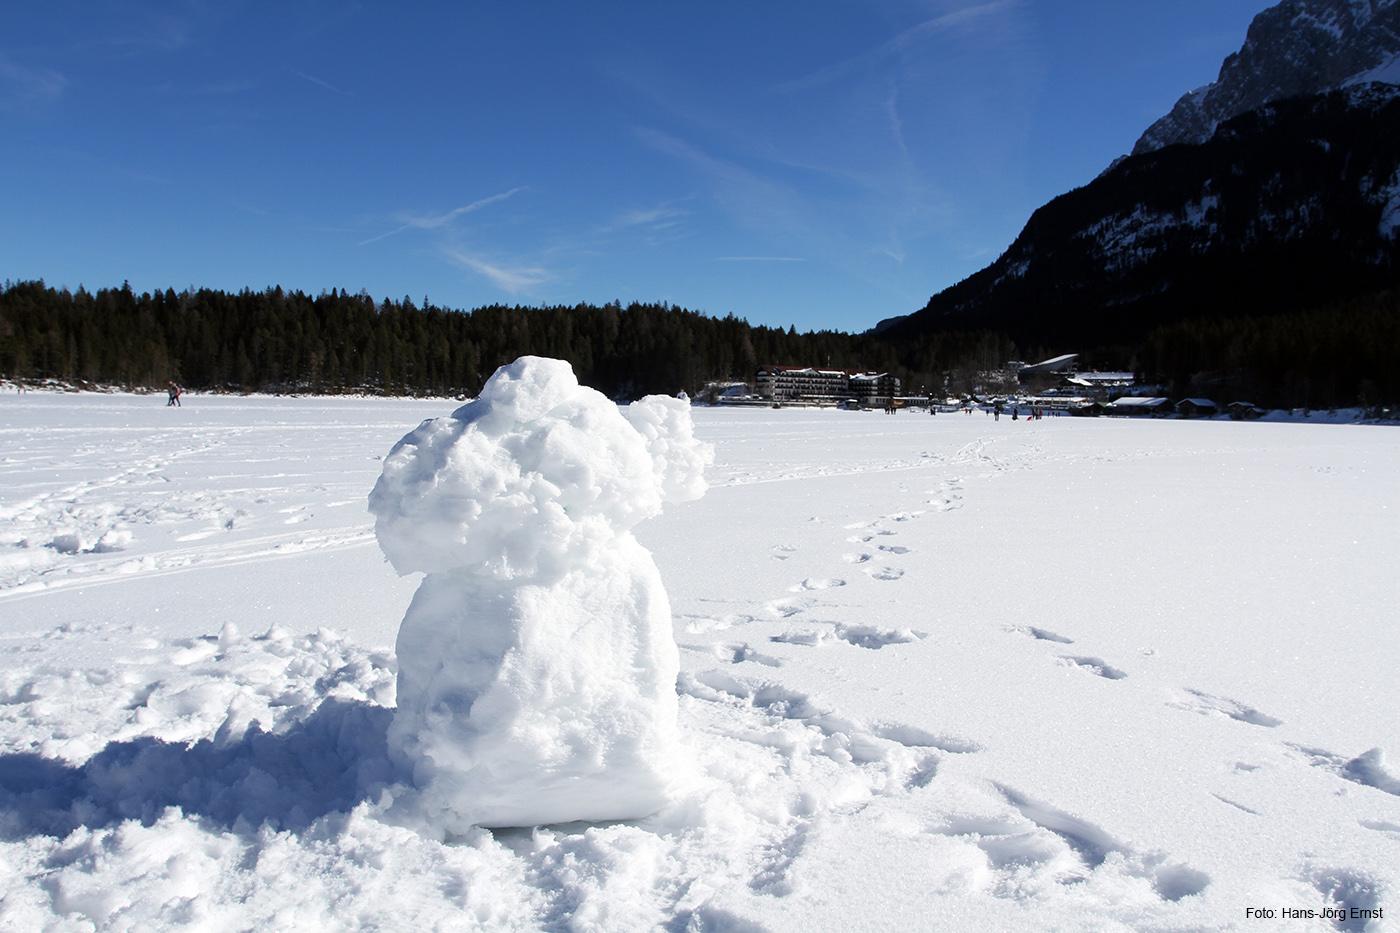 MANN IN WEISS Da wo sonst das Wasser grünlich schimmert, steht ein Schneemann und blickt hinüber zum Eibsee-Hotel.